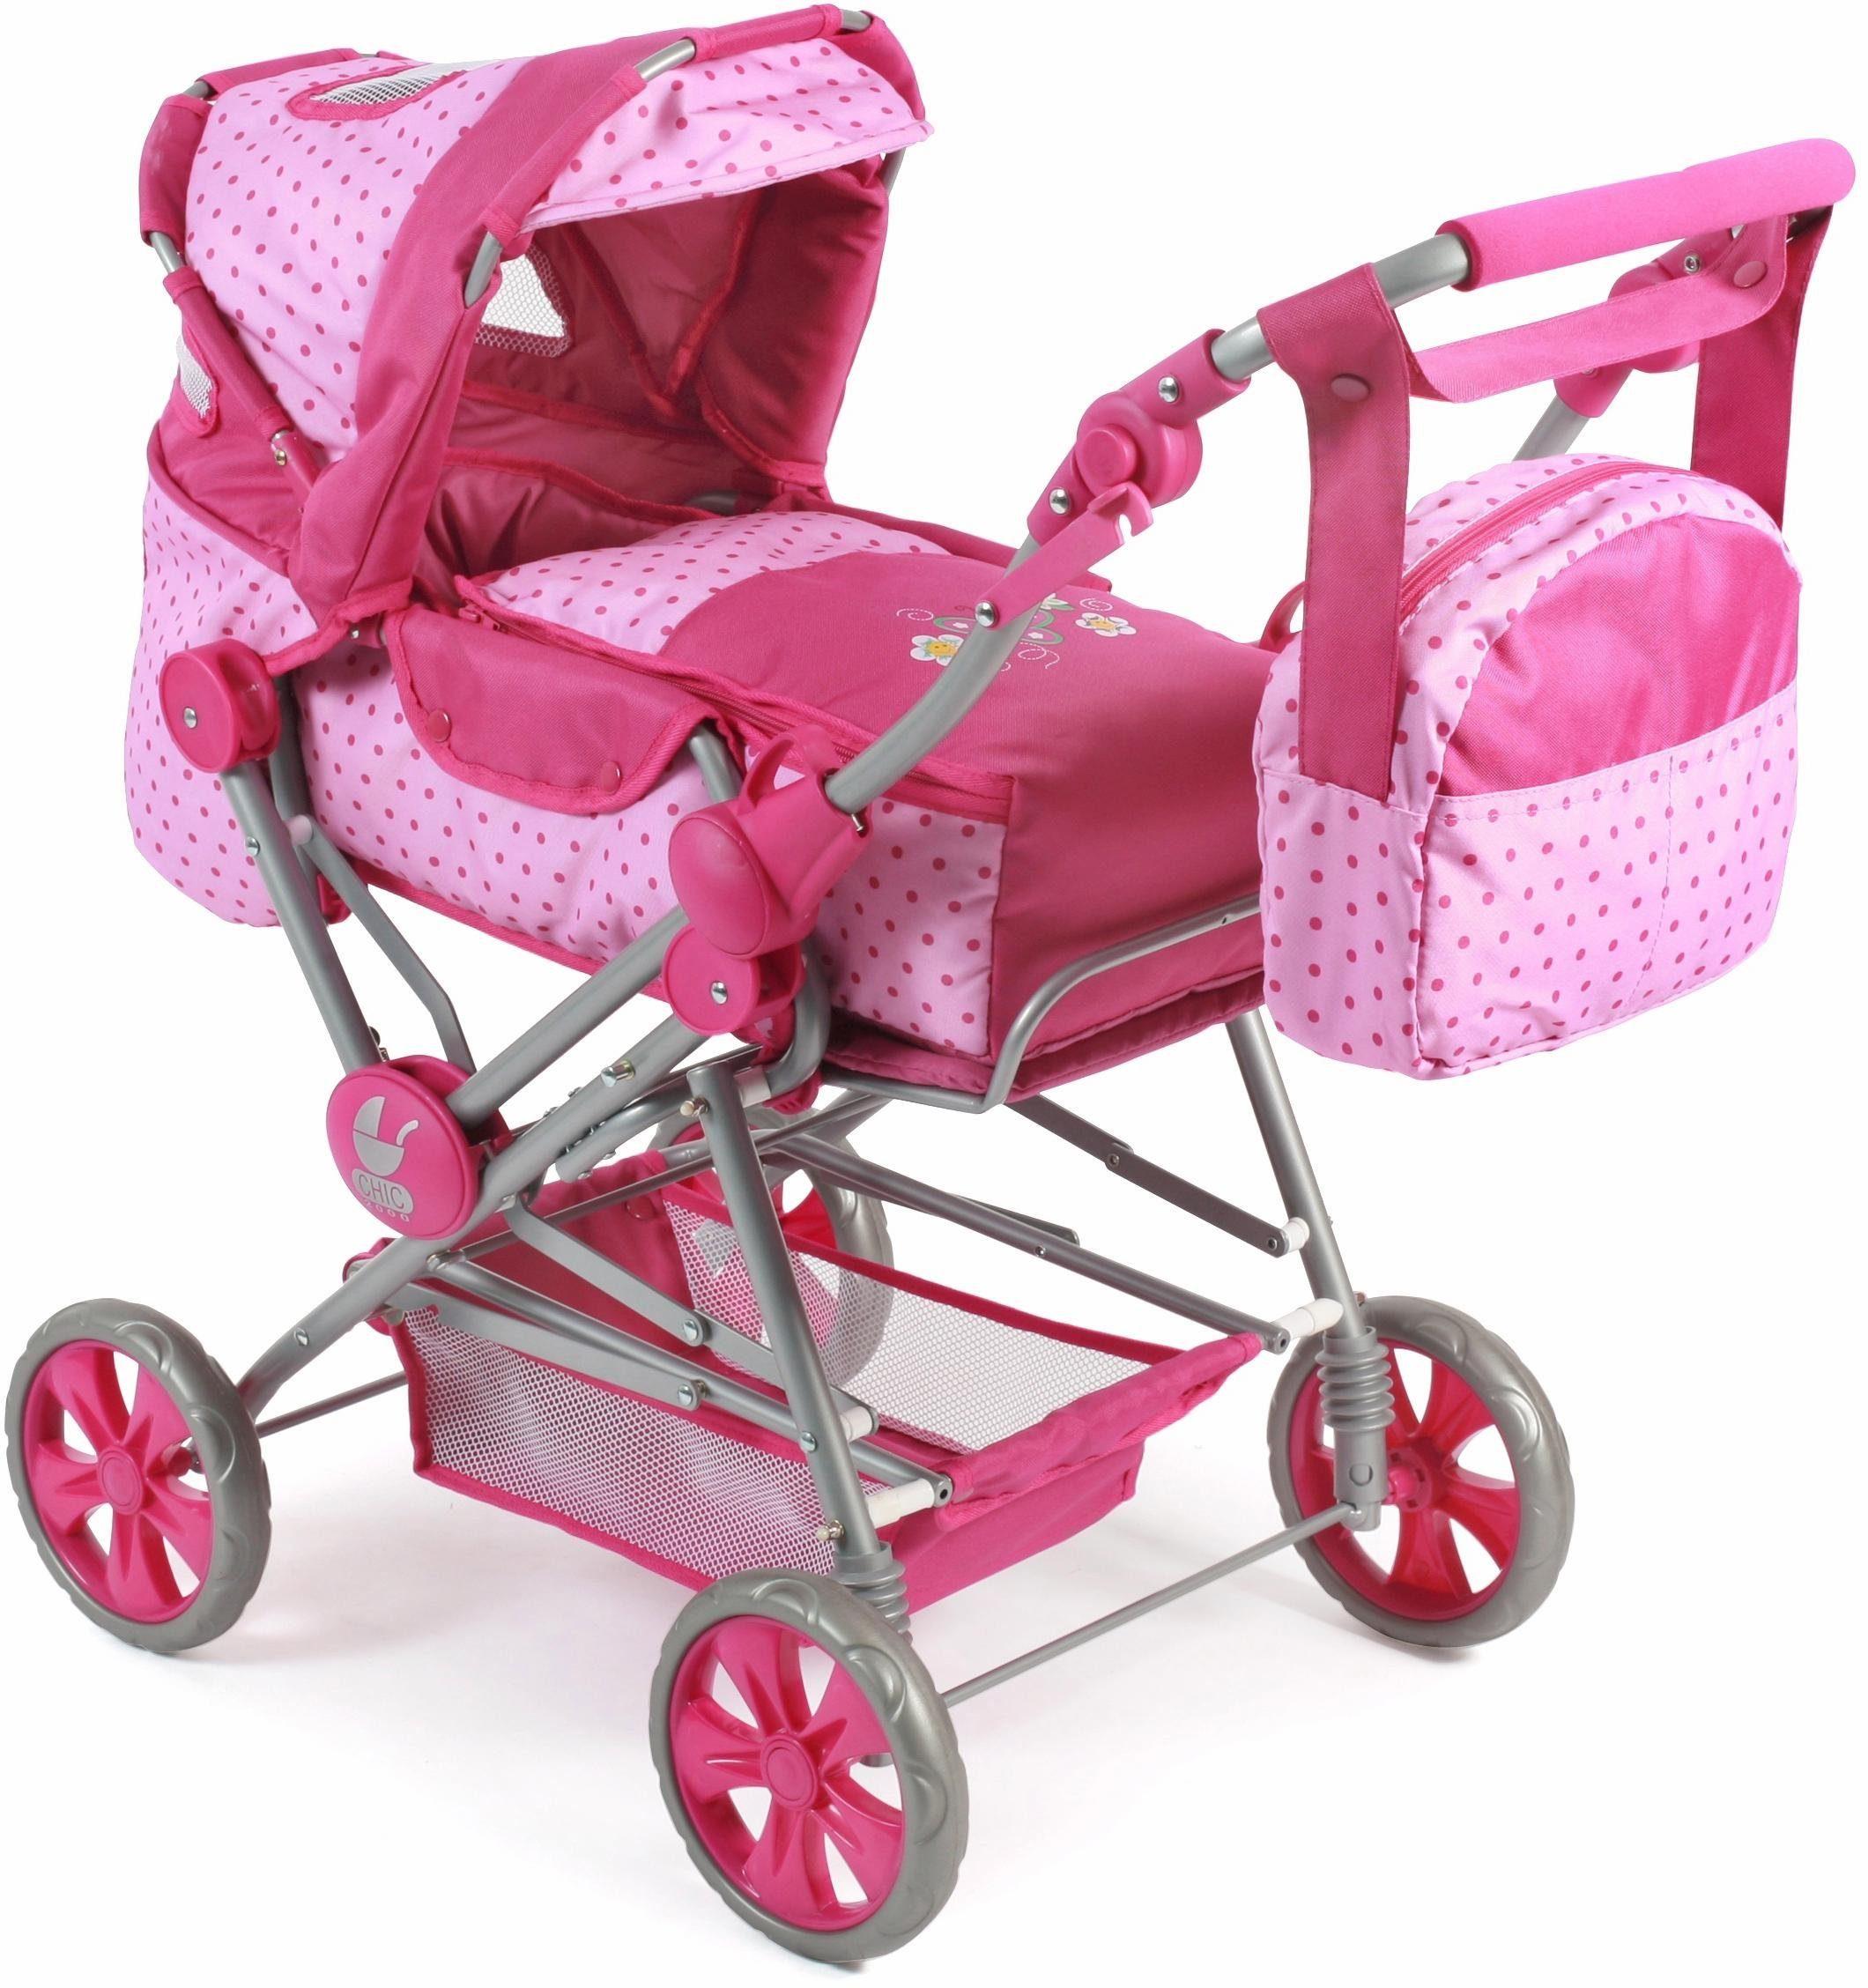 CHIC2000 Kombi Puppenwagen mit Wickeltasche, »Road Star, pink«